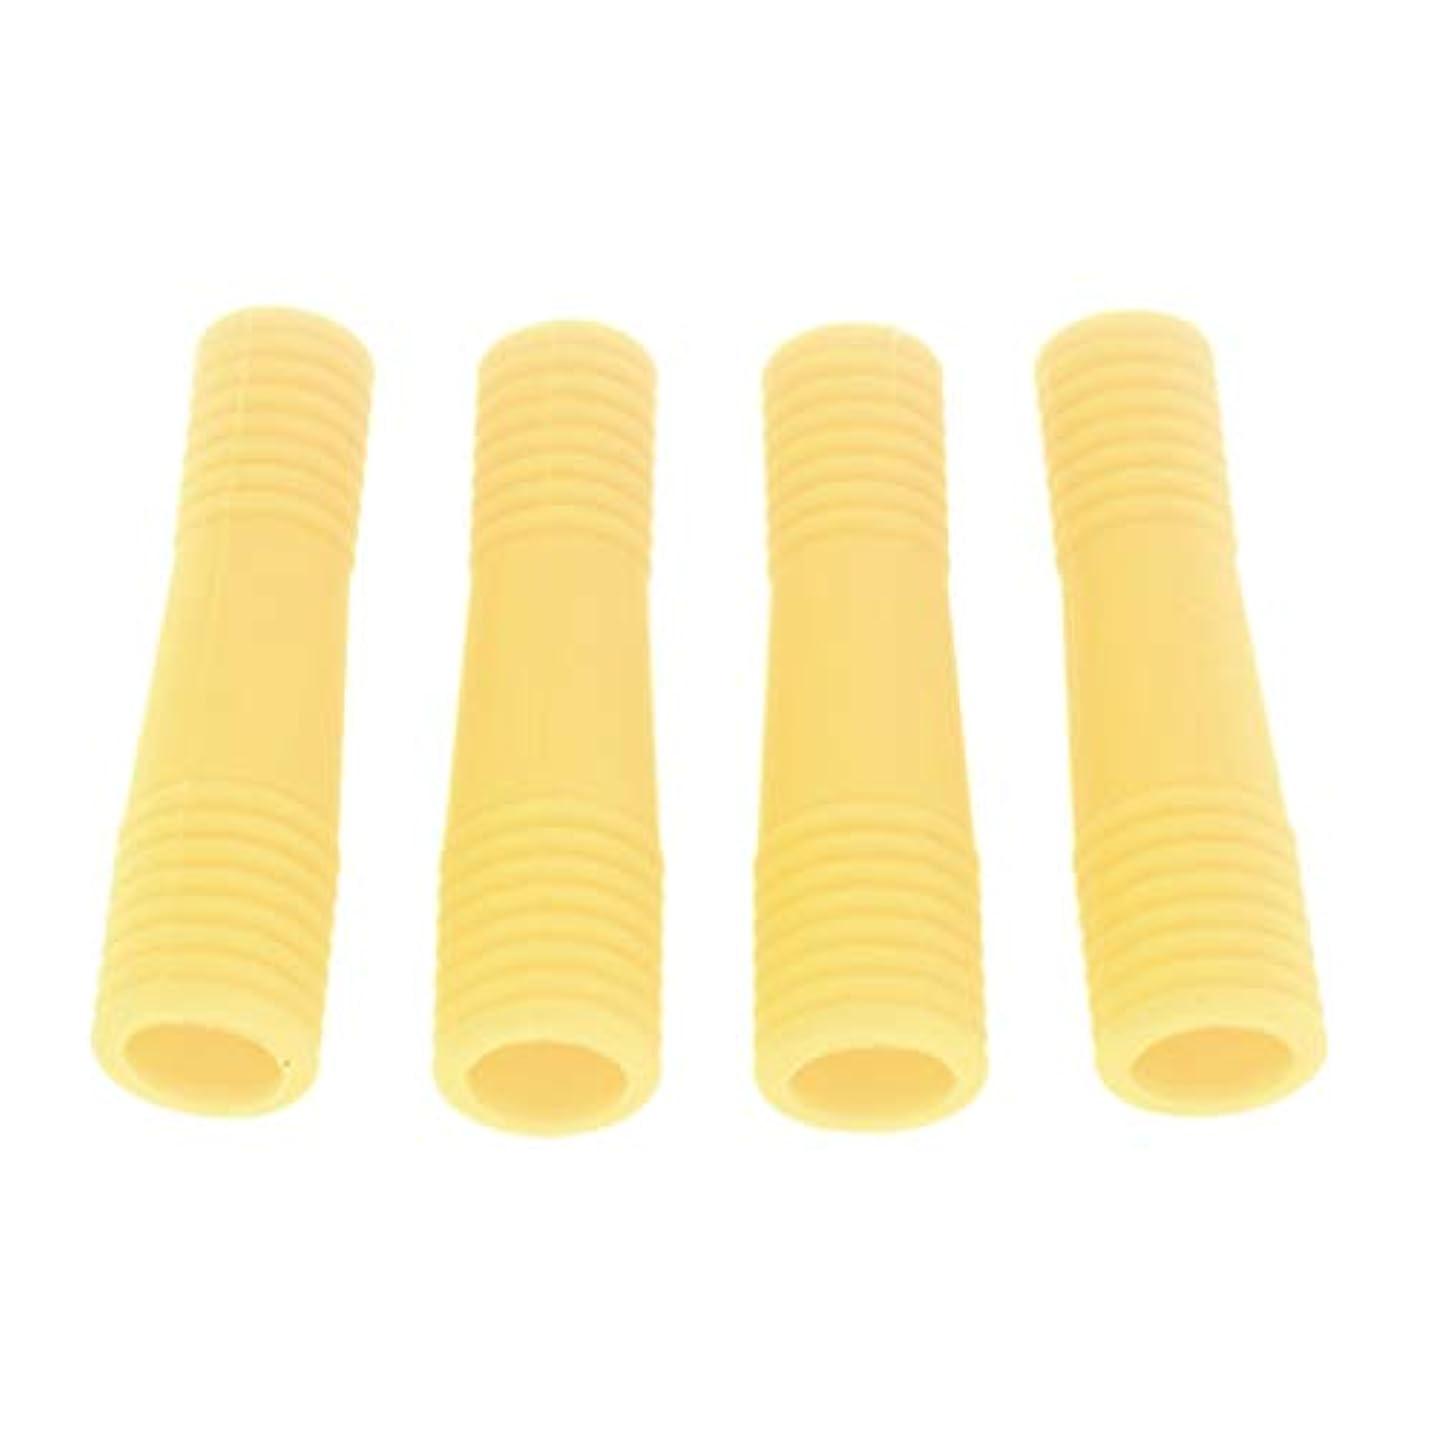 妊娠した合併症ねじれキューティクルニッパー保護カバー アクリルネイル用ツール ネイル道具 ケアツール 全5色 - 黄